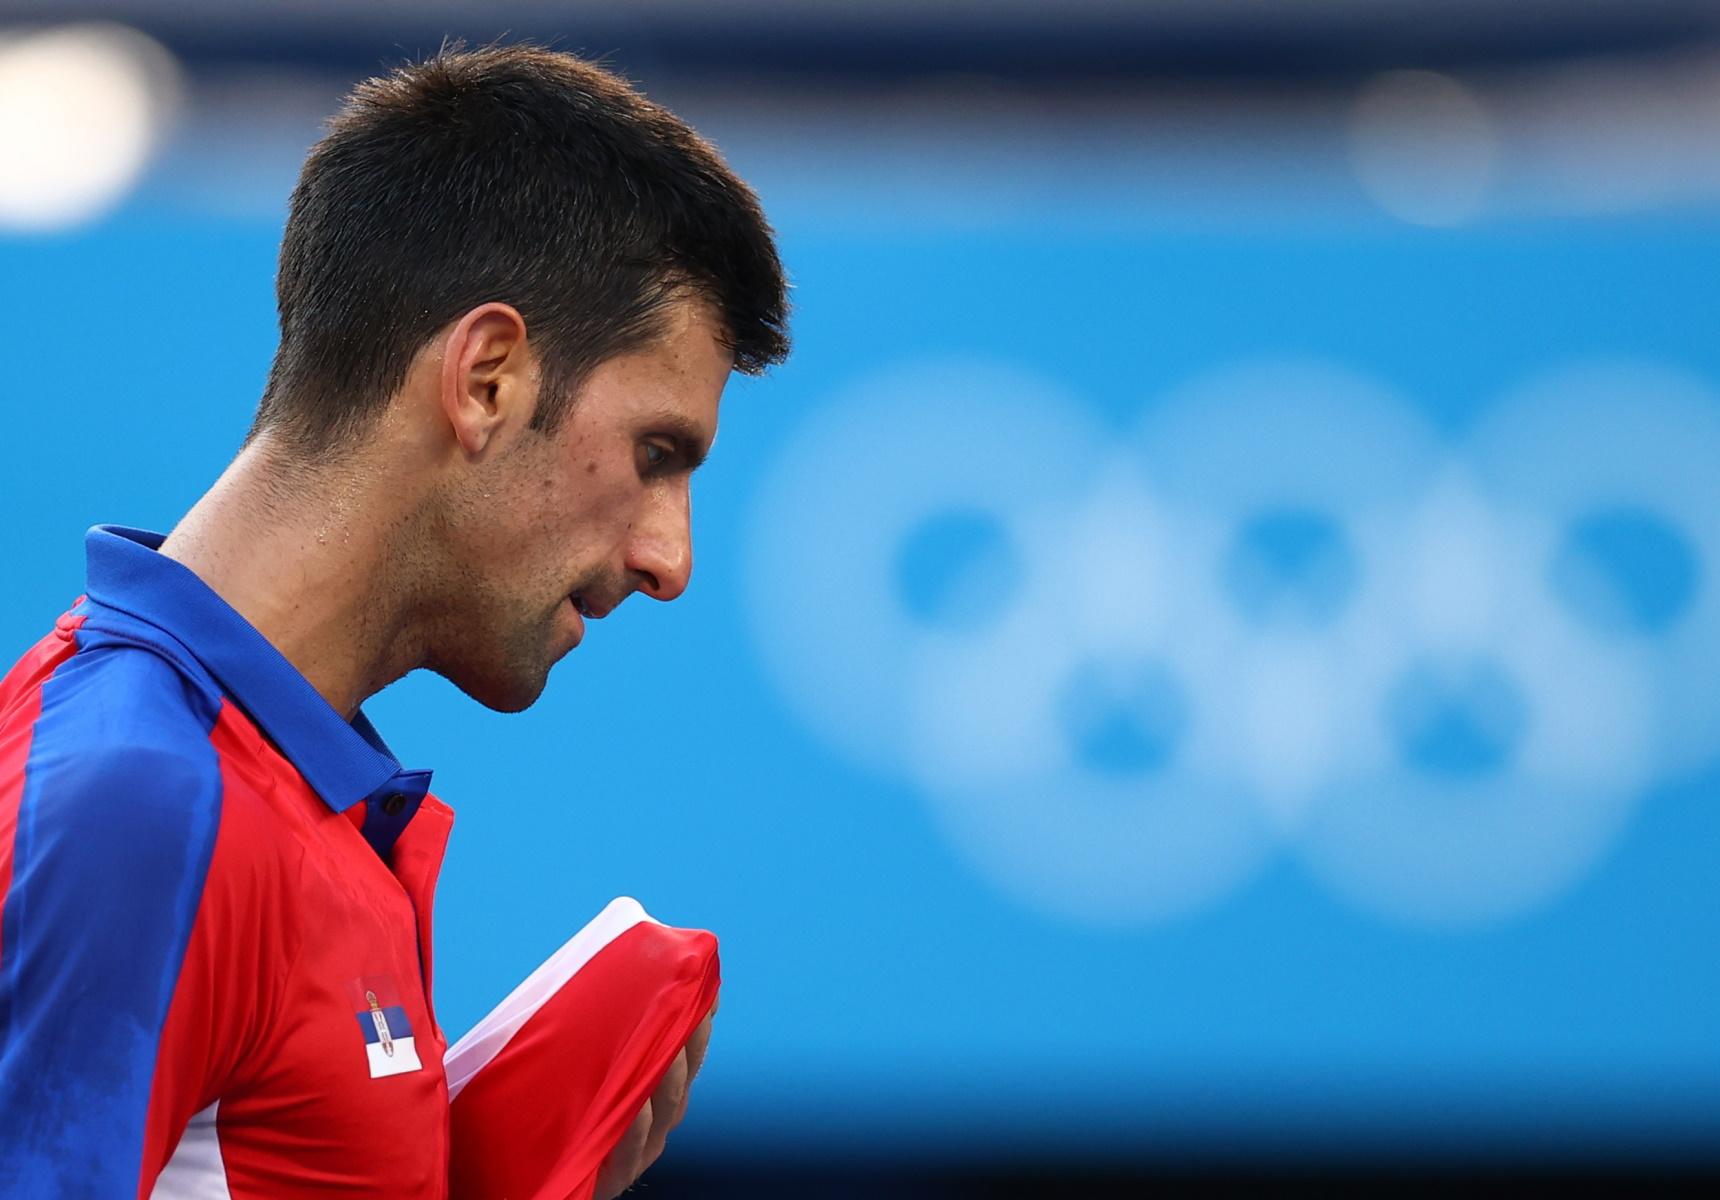 Ολυμπιακοί Αγώνες: «Χάλκινος» ο Καρένιο-Μπούστα, νίκησε τον Νόβακ Τζόκοβιτς στον «μικρό» τελικό του τένις